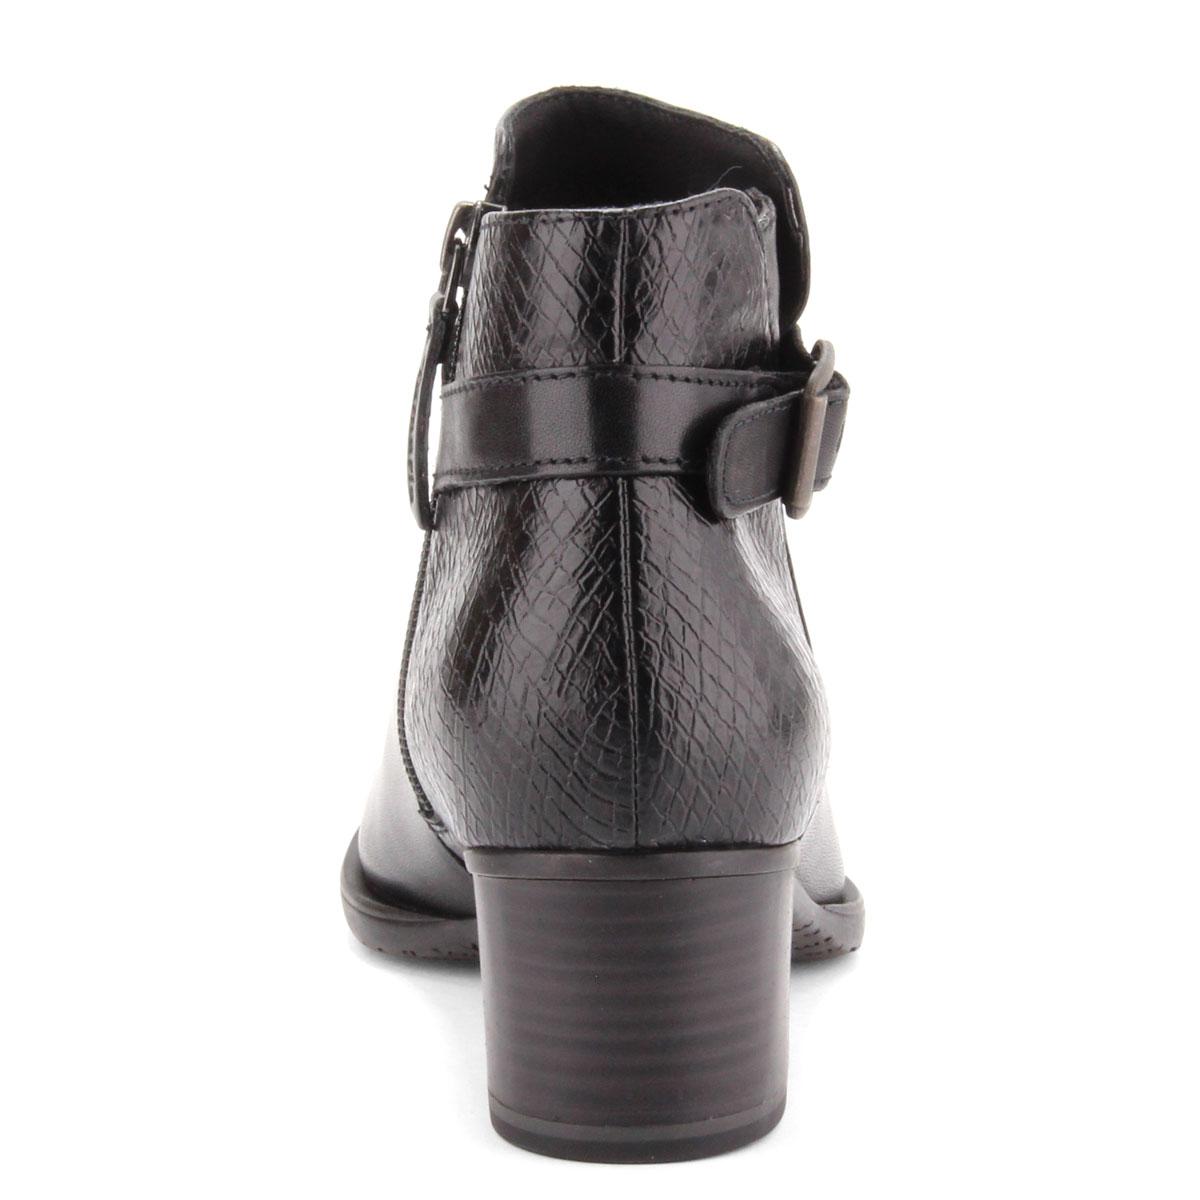 d068d35e9b Hátsó része · Fekete Tamaris női bokacsizma textil béléssel. Sarka 5 cm  magas ANTiShokk sarok. Hátsó része